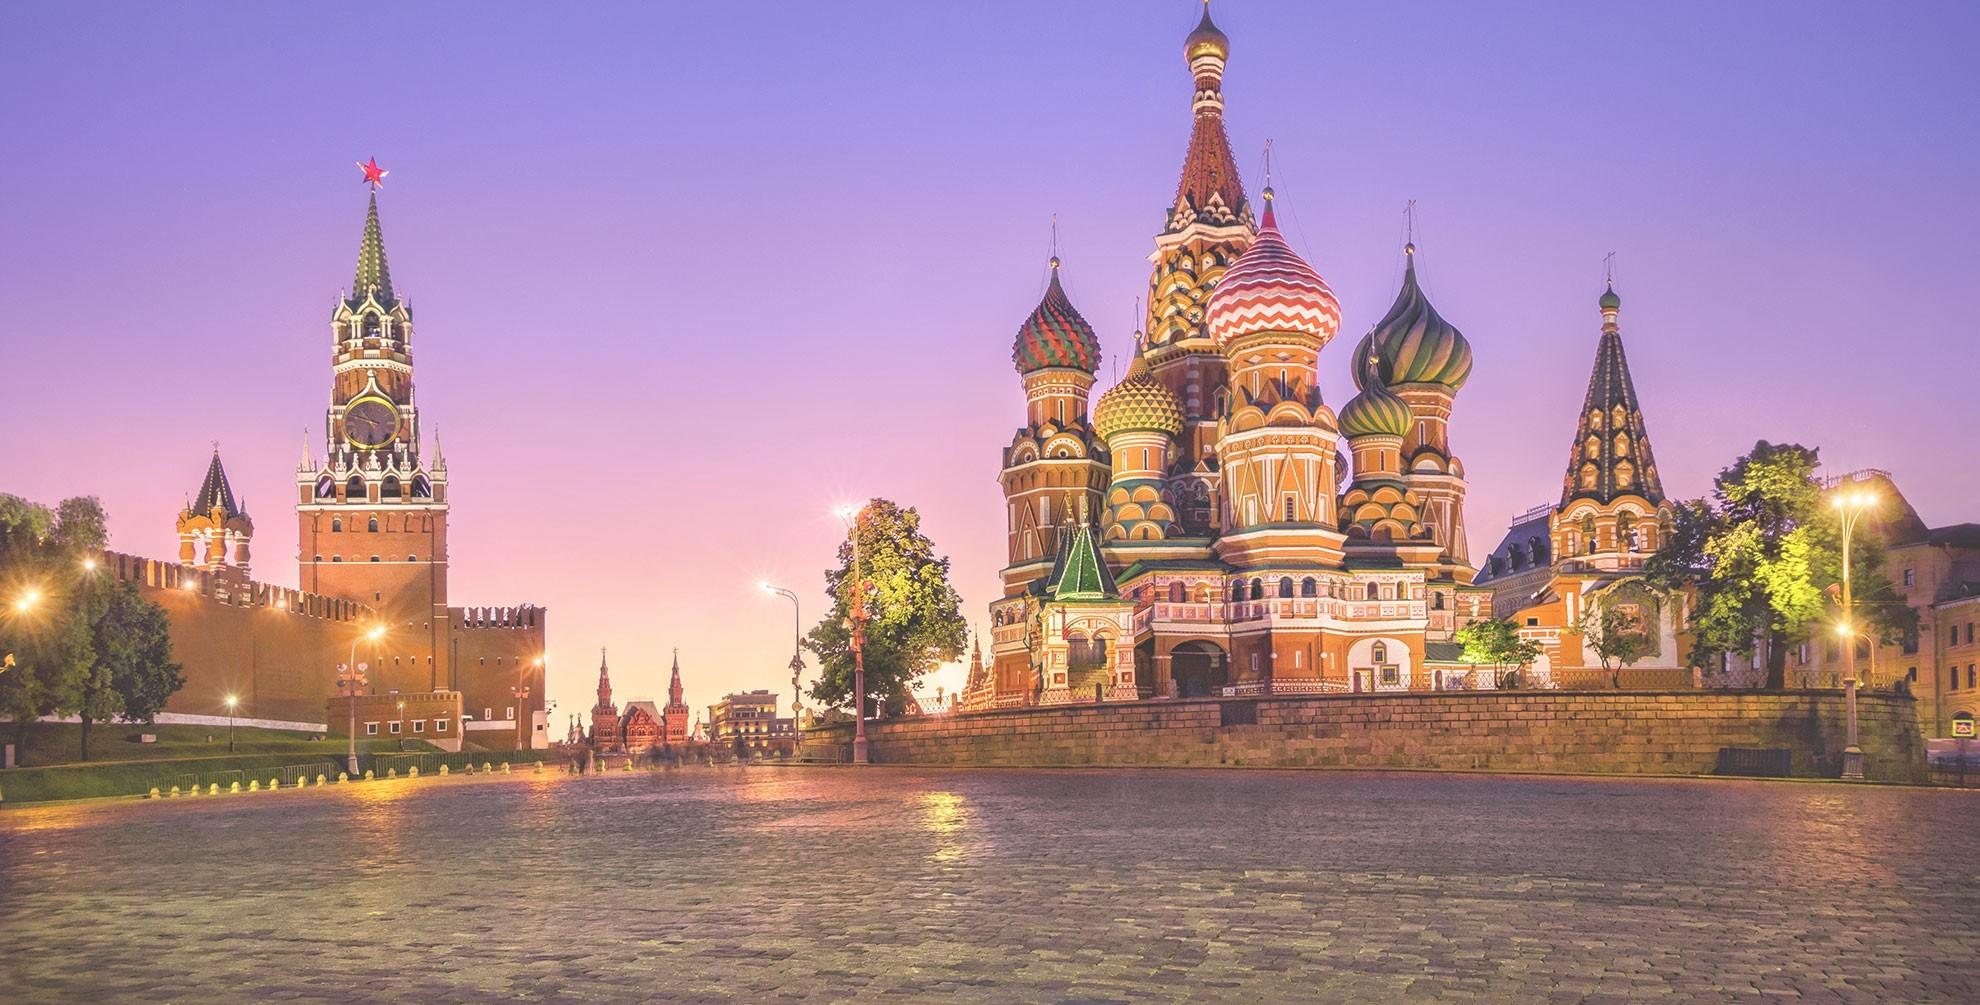 übersetzungen In Russisch Englisch Deutsch Für österreich